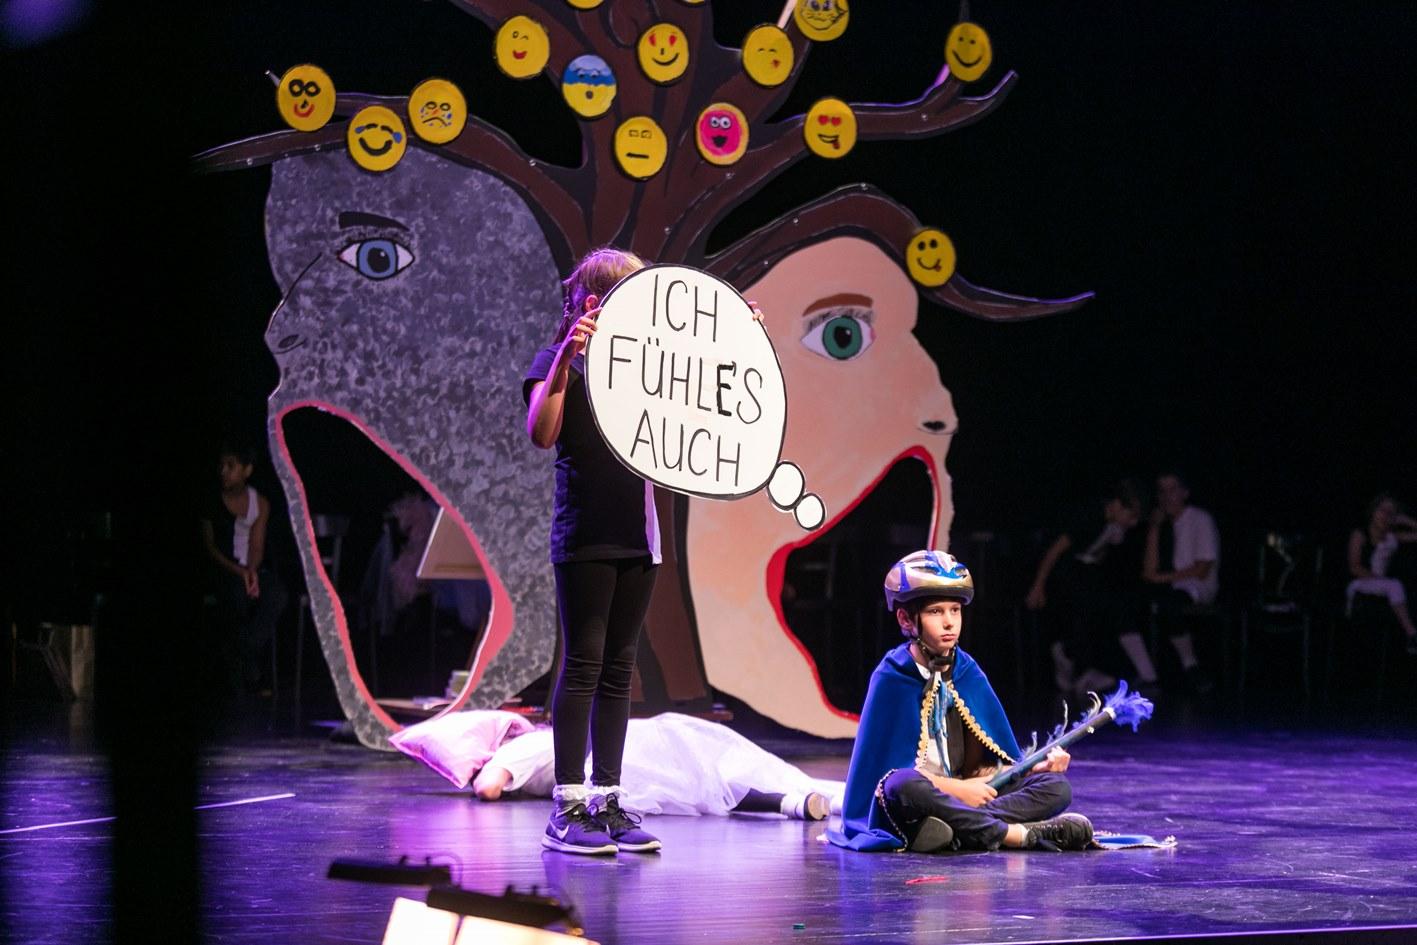 © Salzburger Festspiele / Wildbild & Erika Mayer